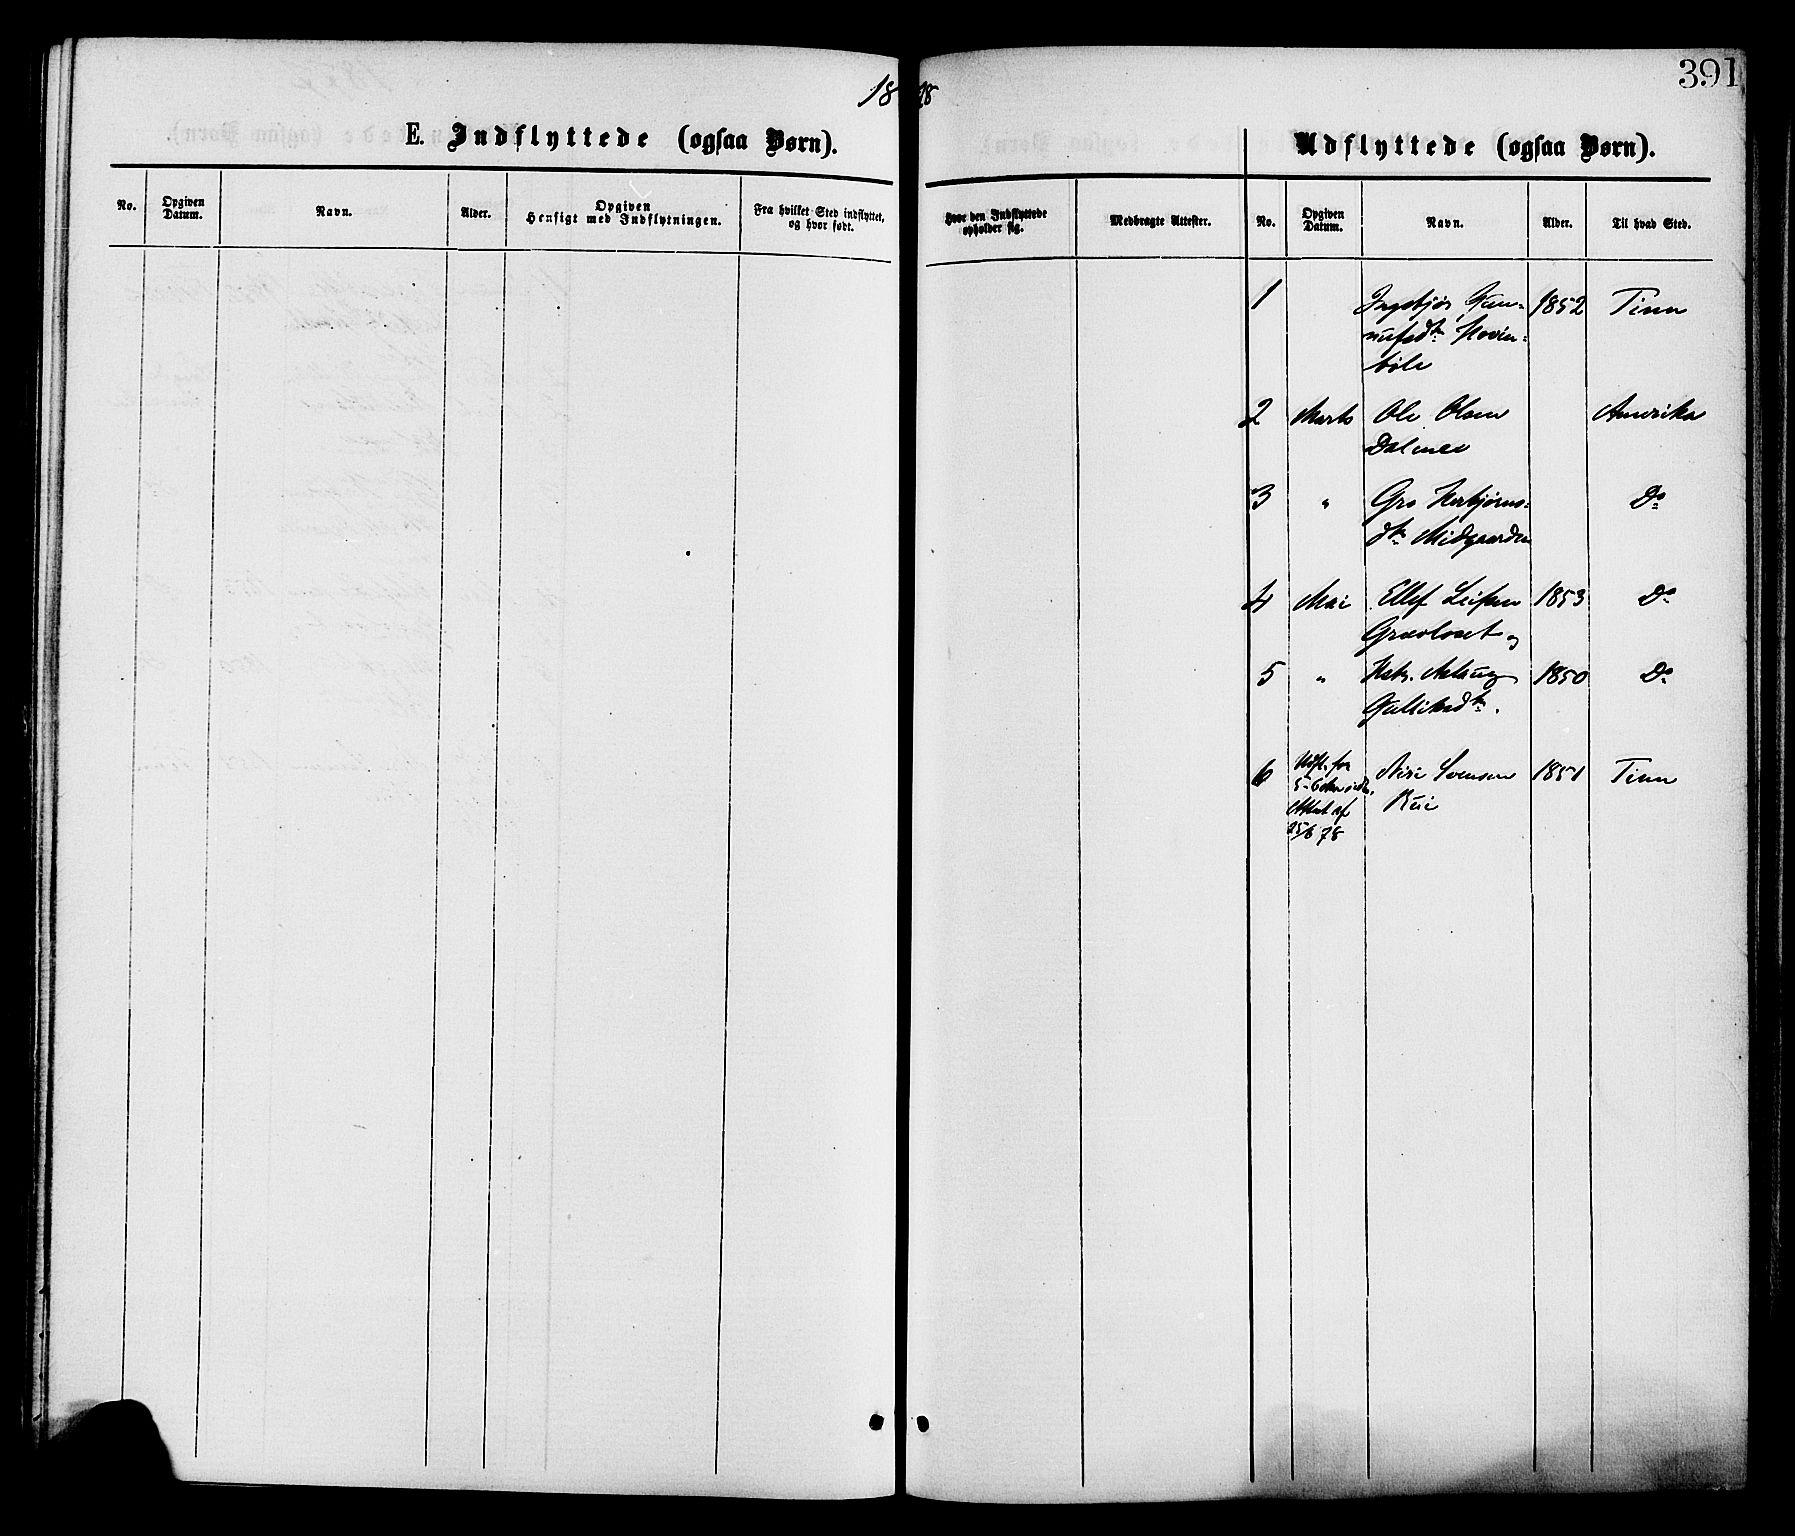 SAKO, Gransherad kirkebøker, F/Fa/L0004: Ministerialbok nr. I 4, 1871-1886, s. 391